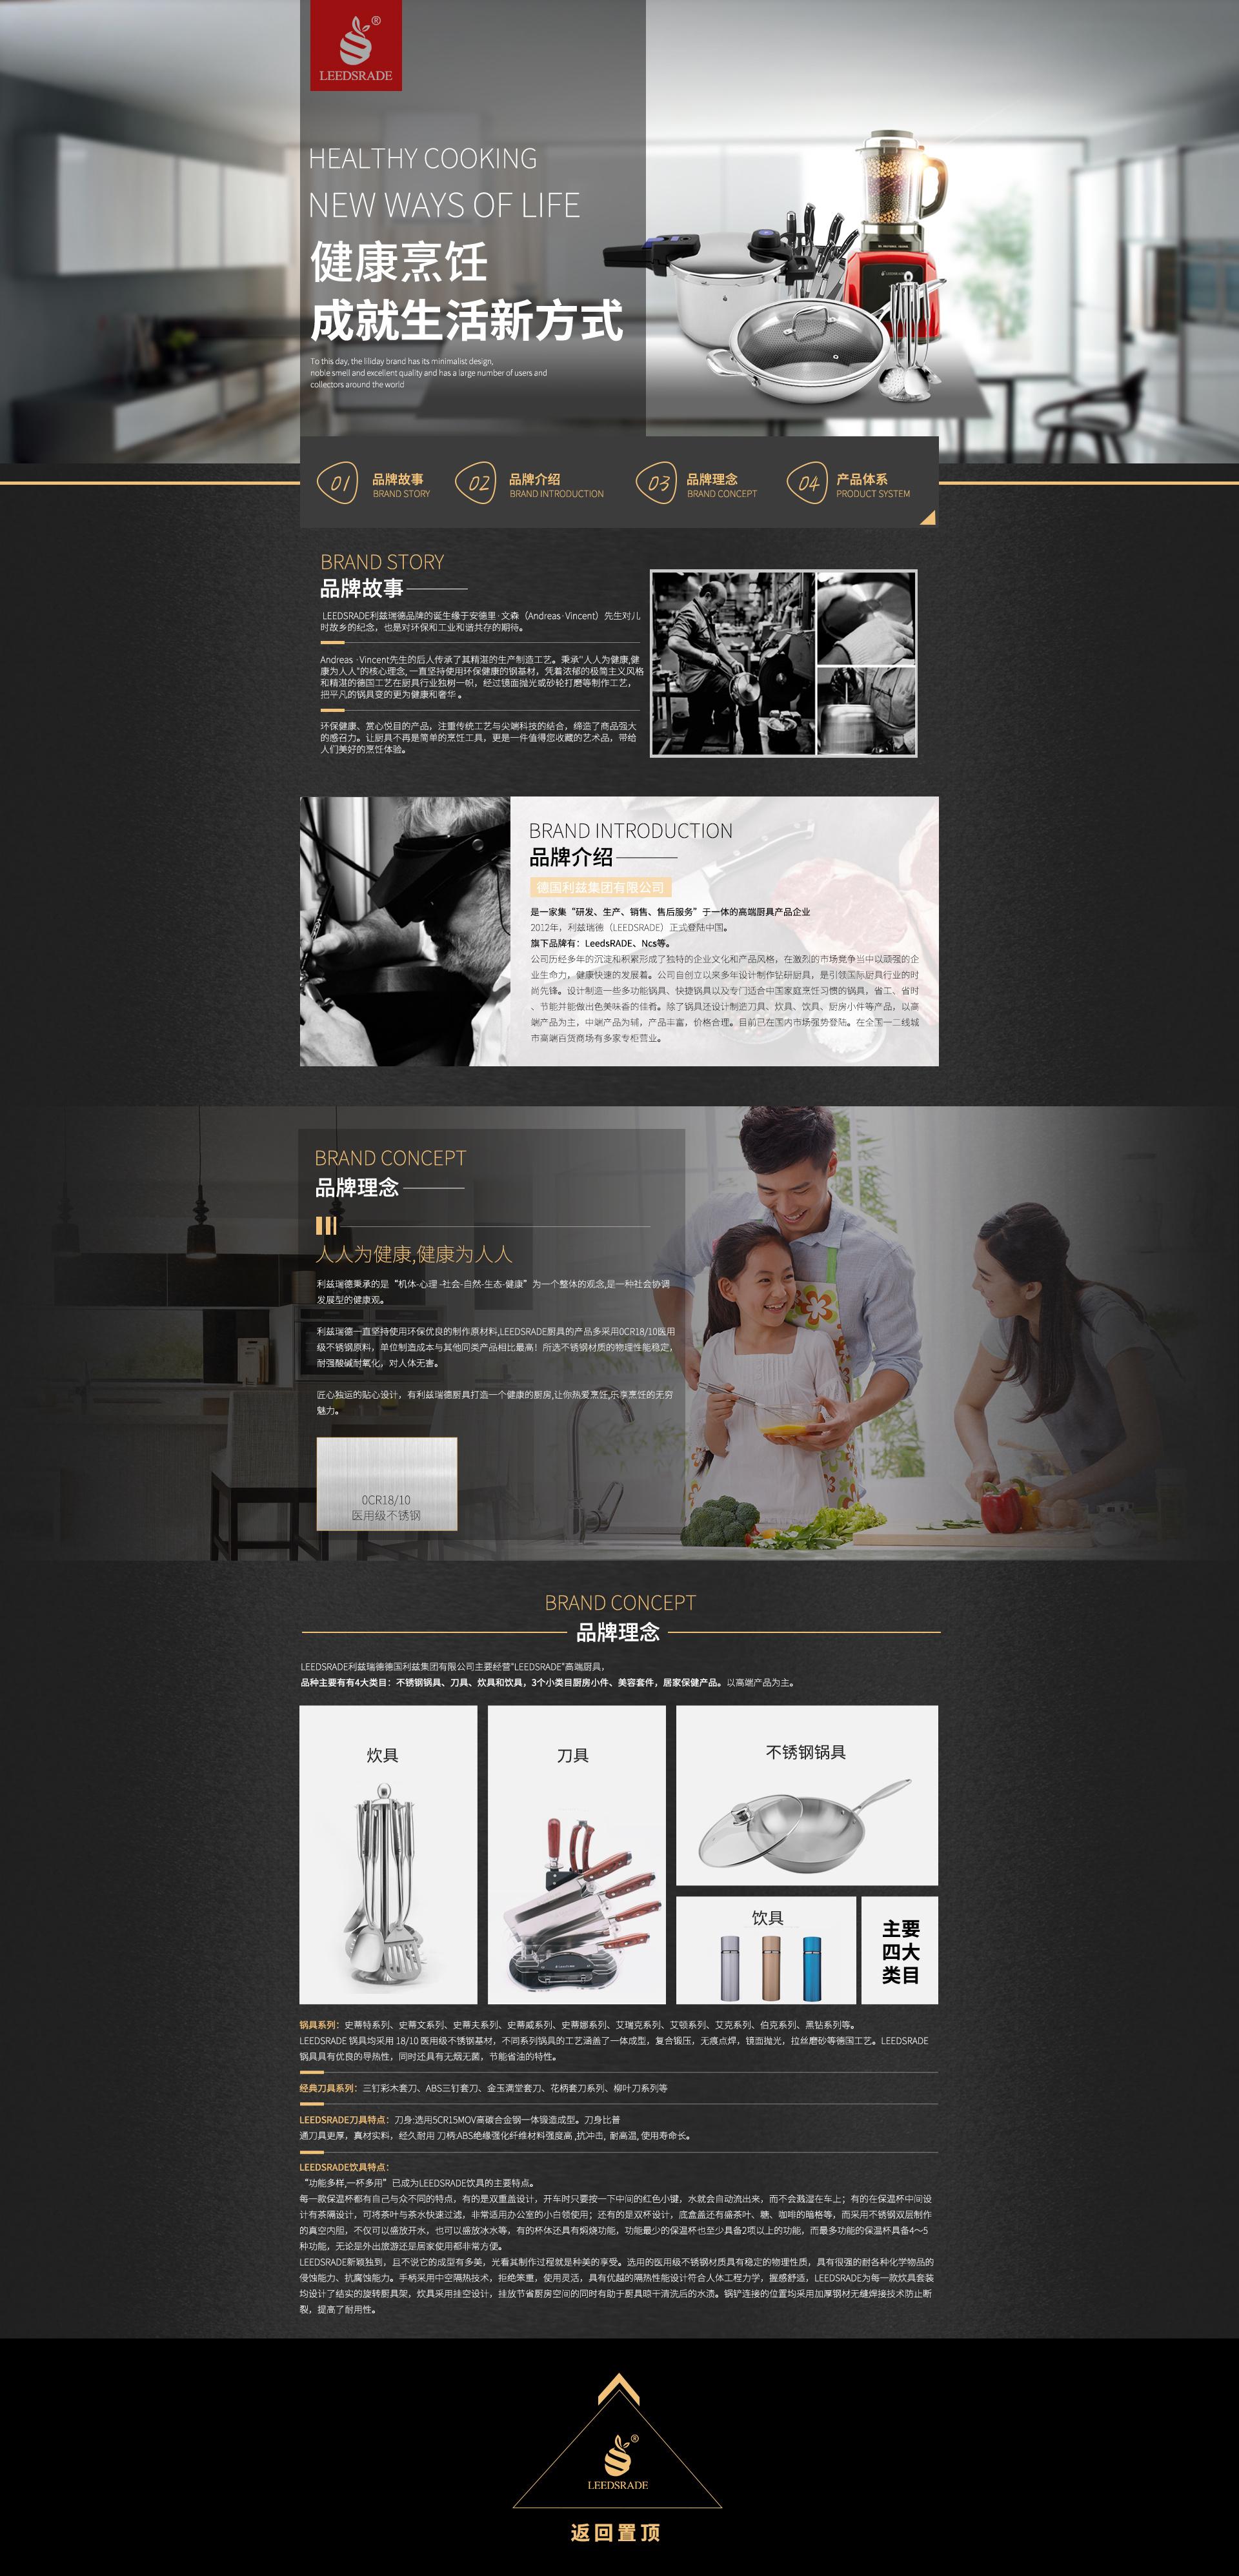 厨具品牌故事 网页 电商 耶尼呀 - 原创作品 - 站酷图片